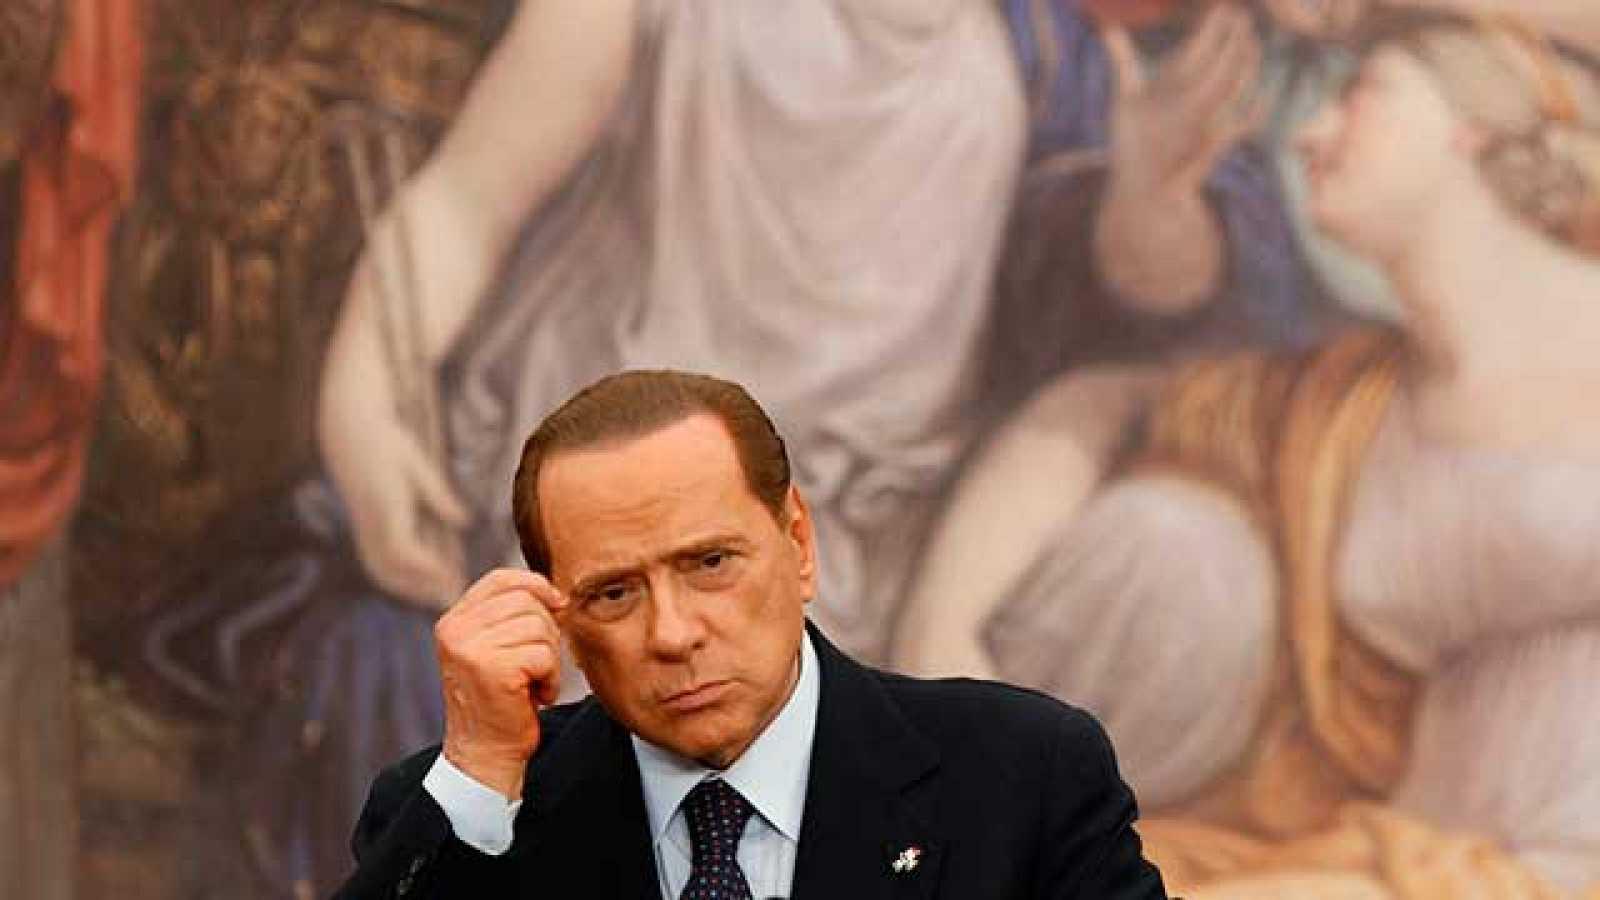 El primer ministro italiano, Silvio Berlusconi, ha aceptado el resultado de los cuatro referendos celebrados en Italia. Según el Ministerio del Interior, un 57 % de los italianos han participado en las consultas